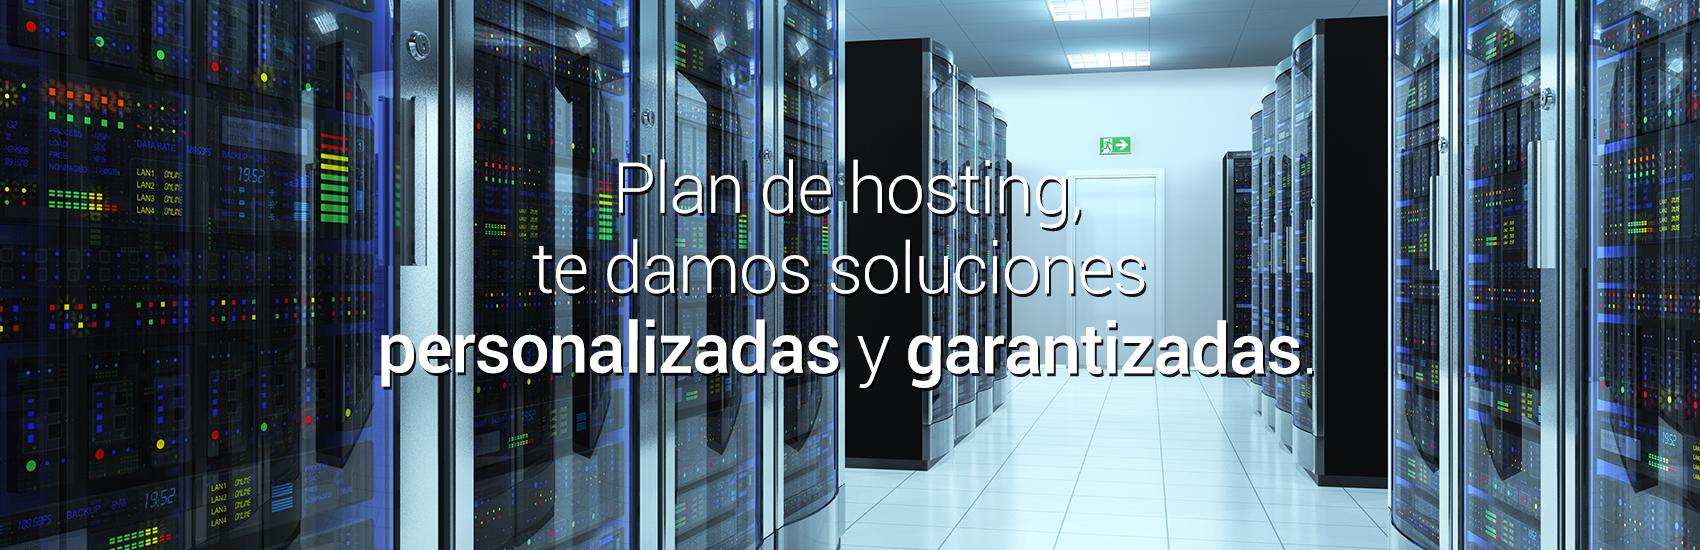 Hosting alojamiento web Mallorca, Menorca, Ibiza, Formentera, Tenerife, Gran Canaria, Lanzarote y Fuerteventura.